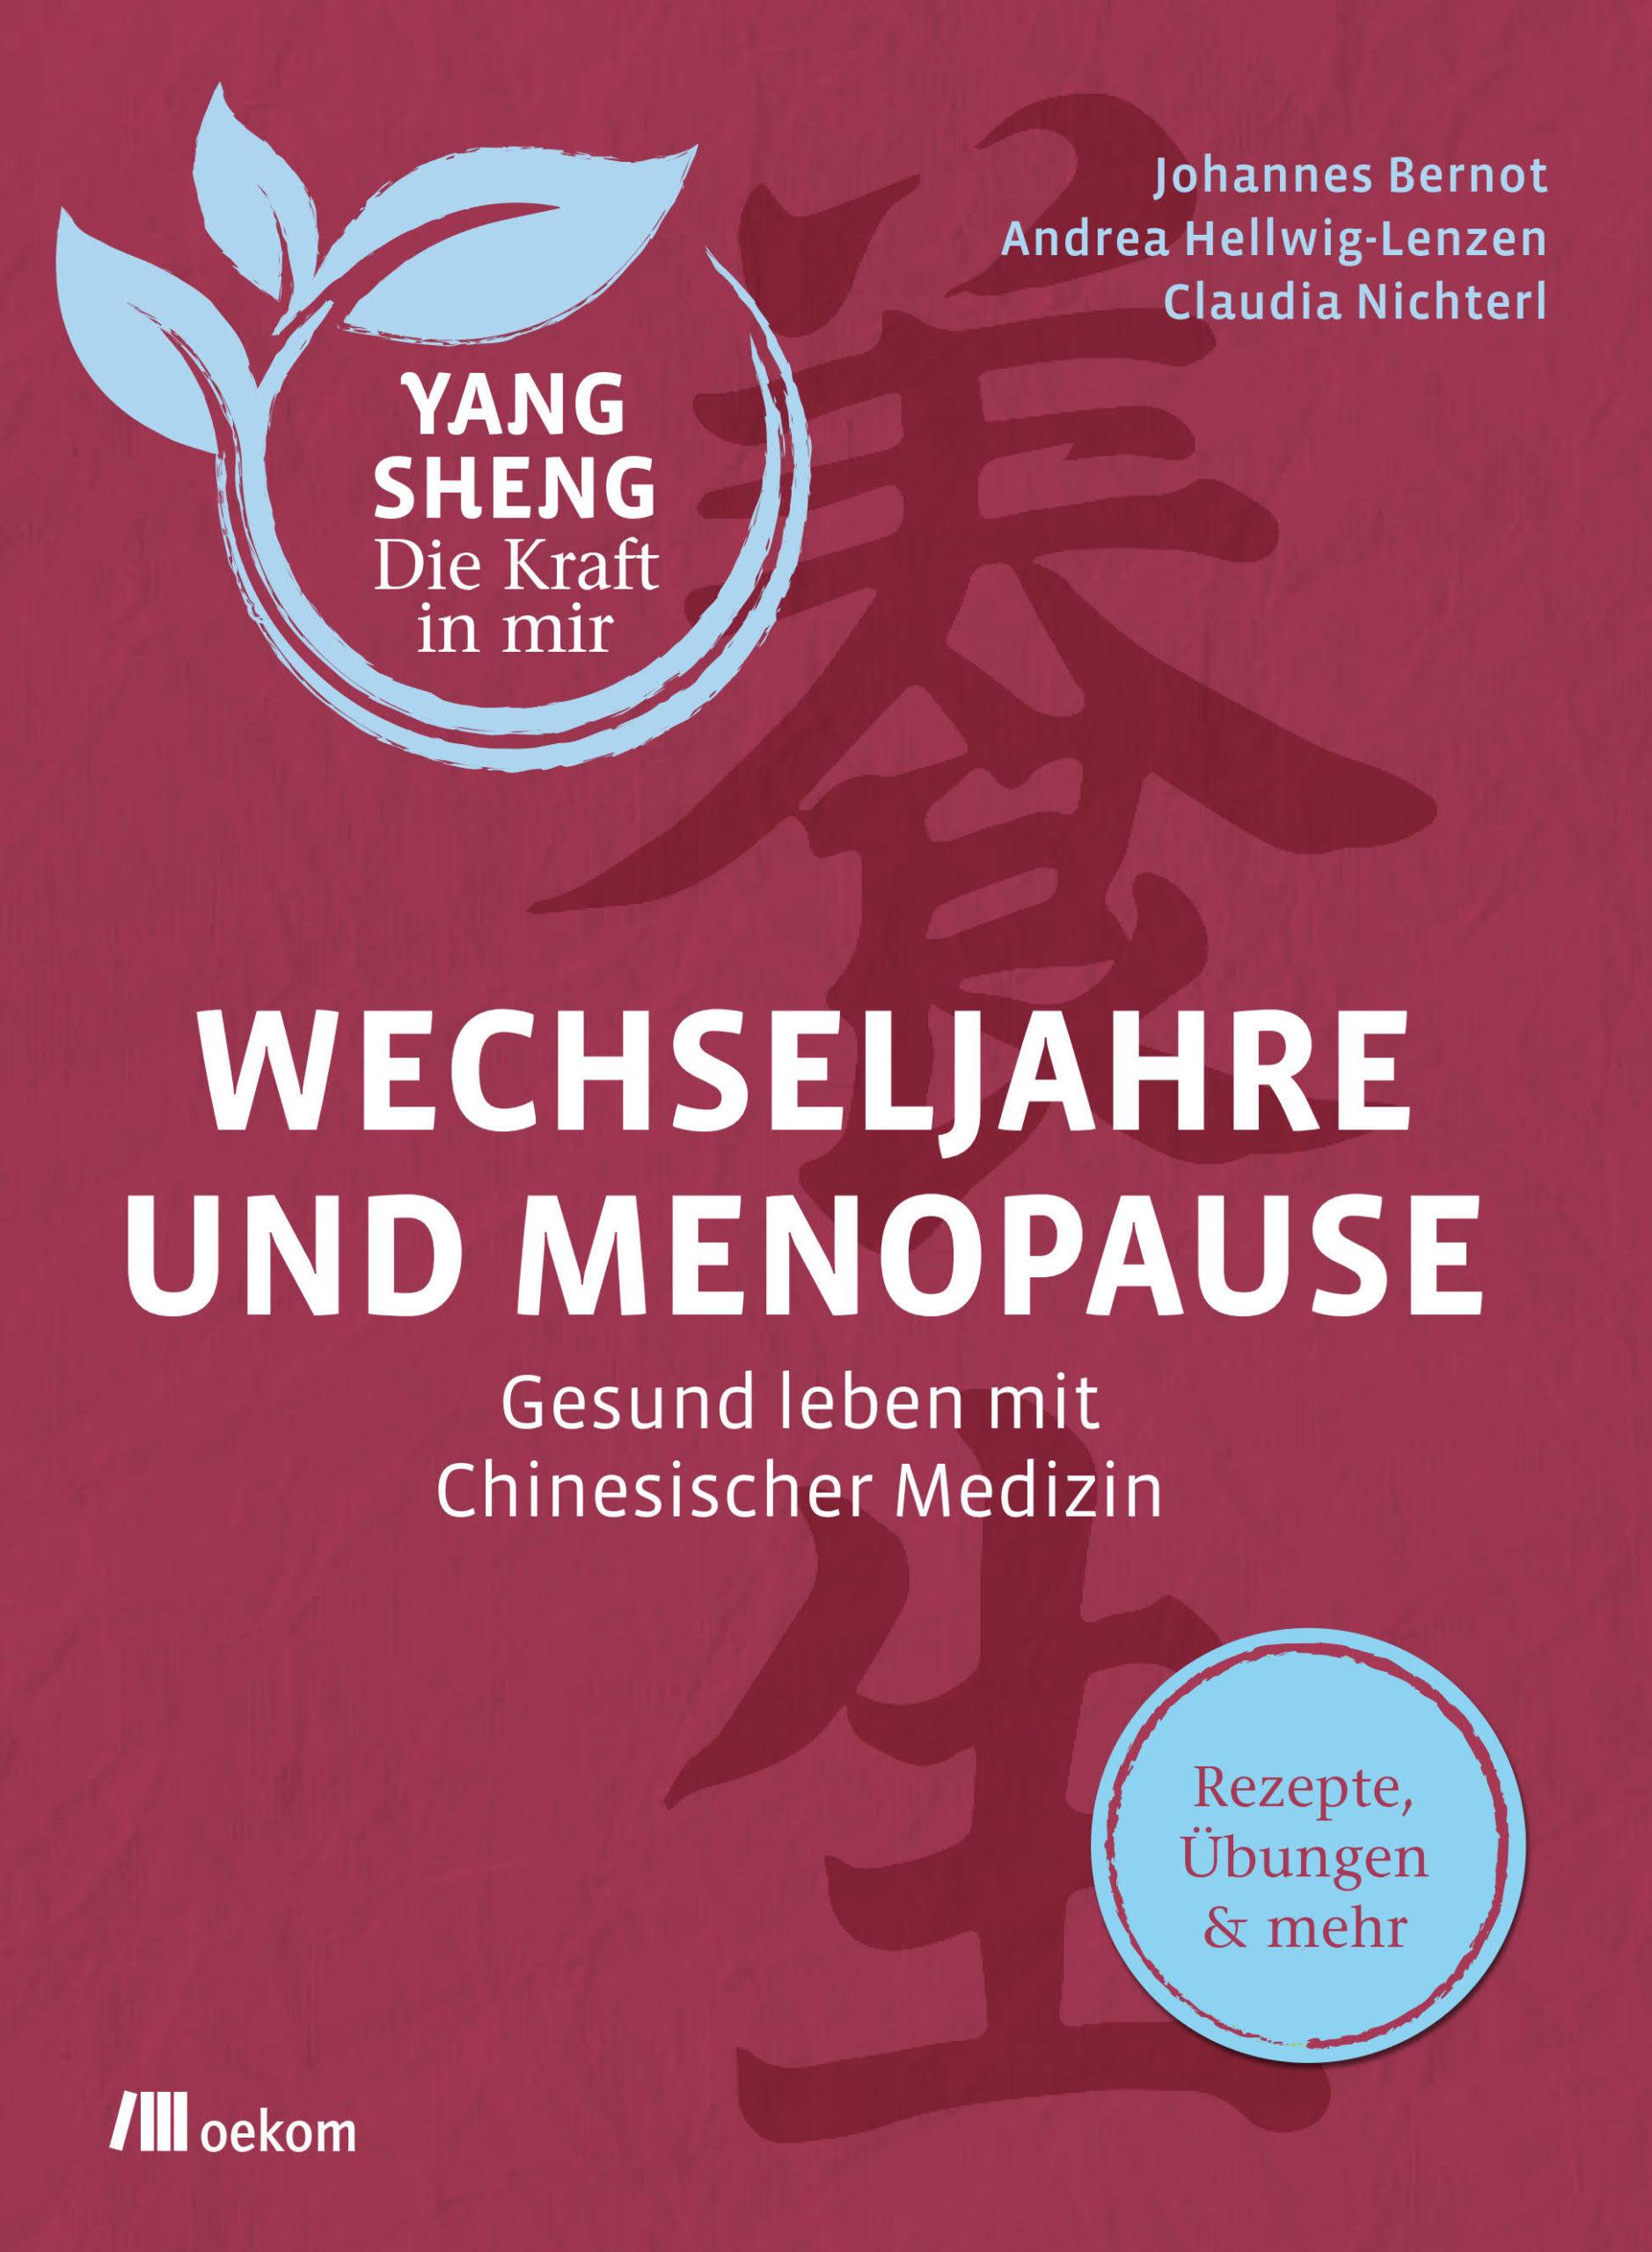 Buch-Cover Bernot, Hellwig-Lenzen, Nichterl: Wechseljahre und Menopause Gesund leben mit chinesischer Medizin